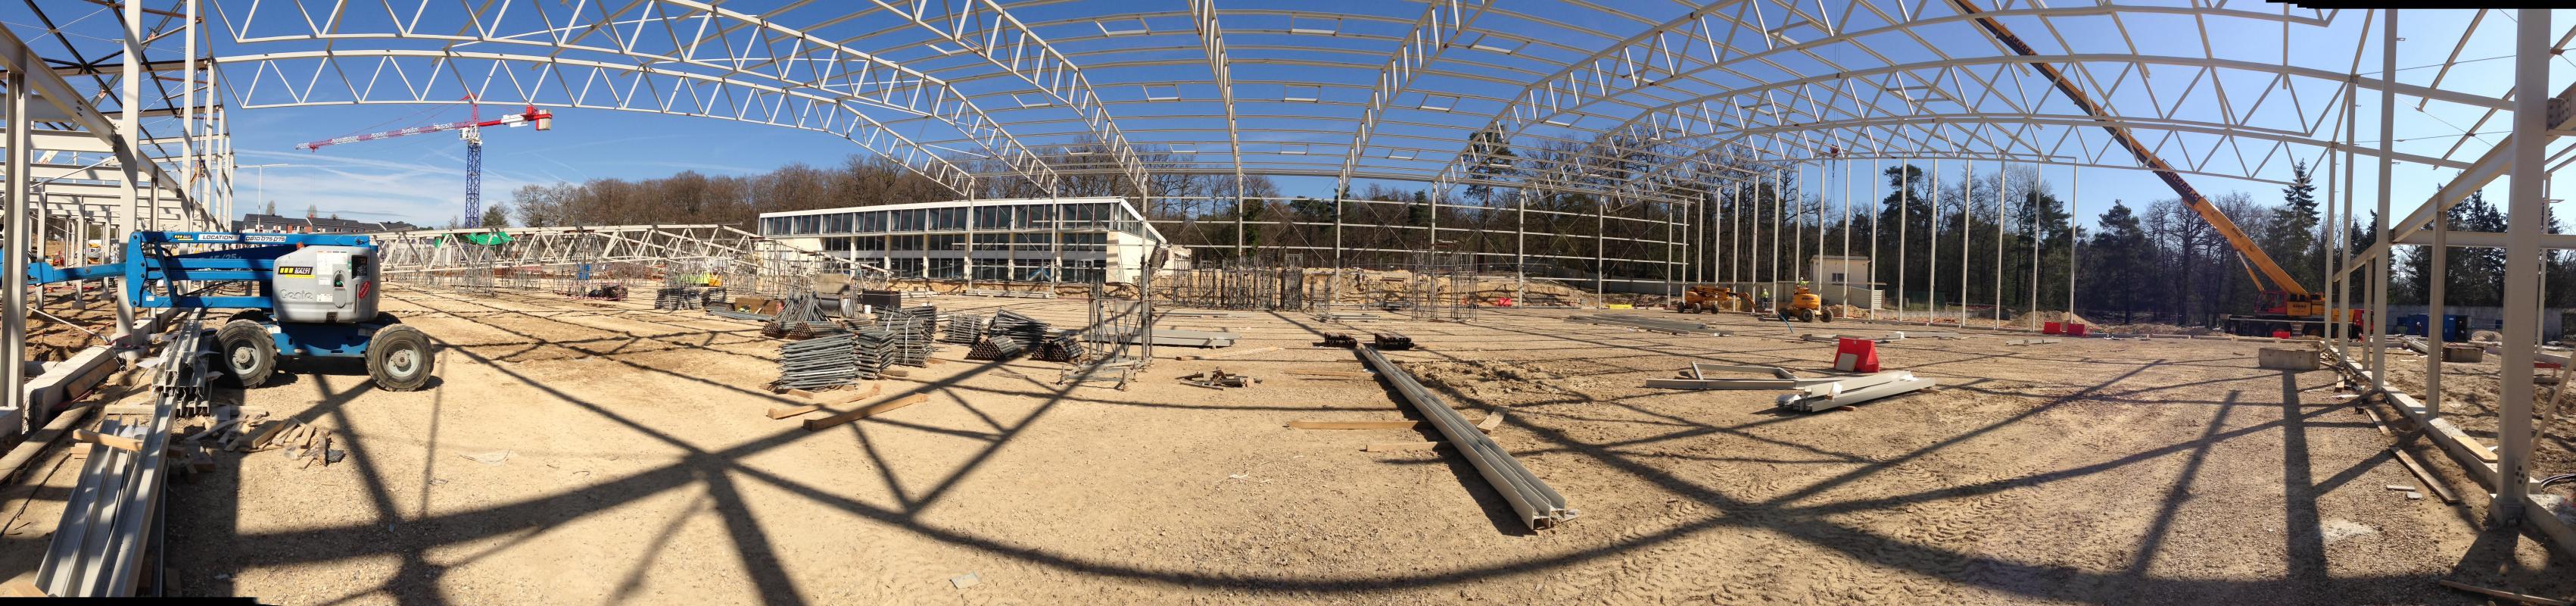 Panoramique d'une halle en chantier